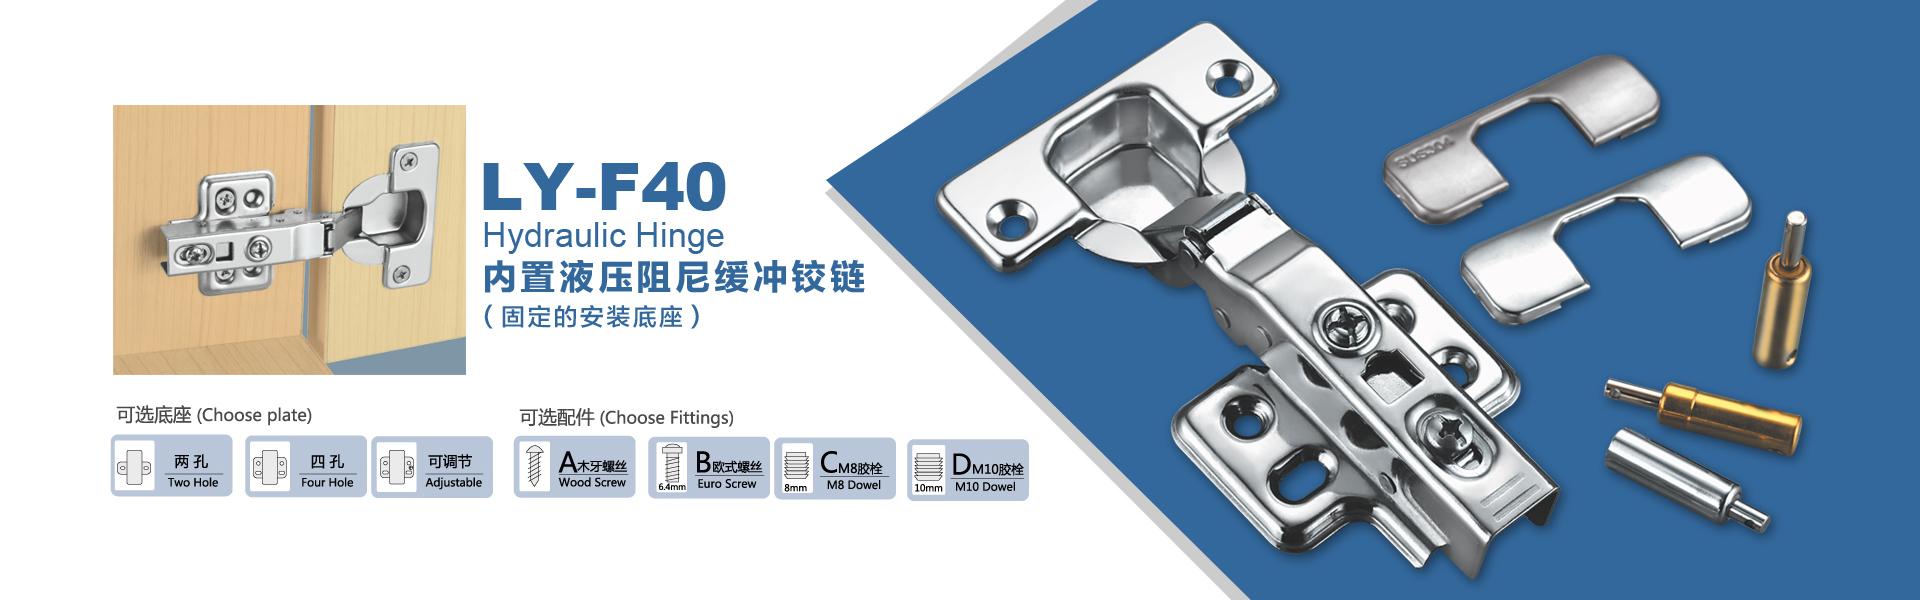 肇庆市高要区金利联裕金属制品有限公司专业生产阻尼铰链、橱柜铰链、不锈钢铰链。是行业中实力的品牌销售和服务机构。